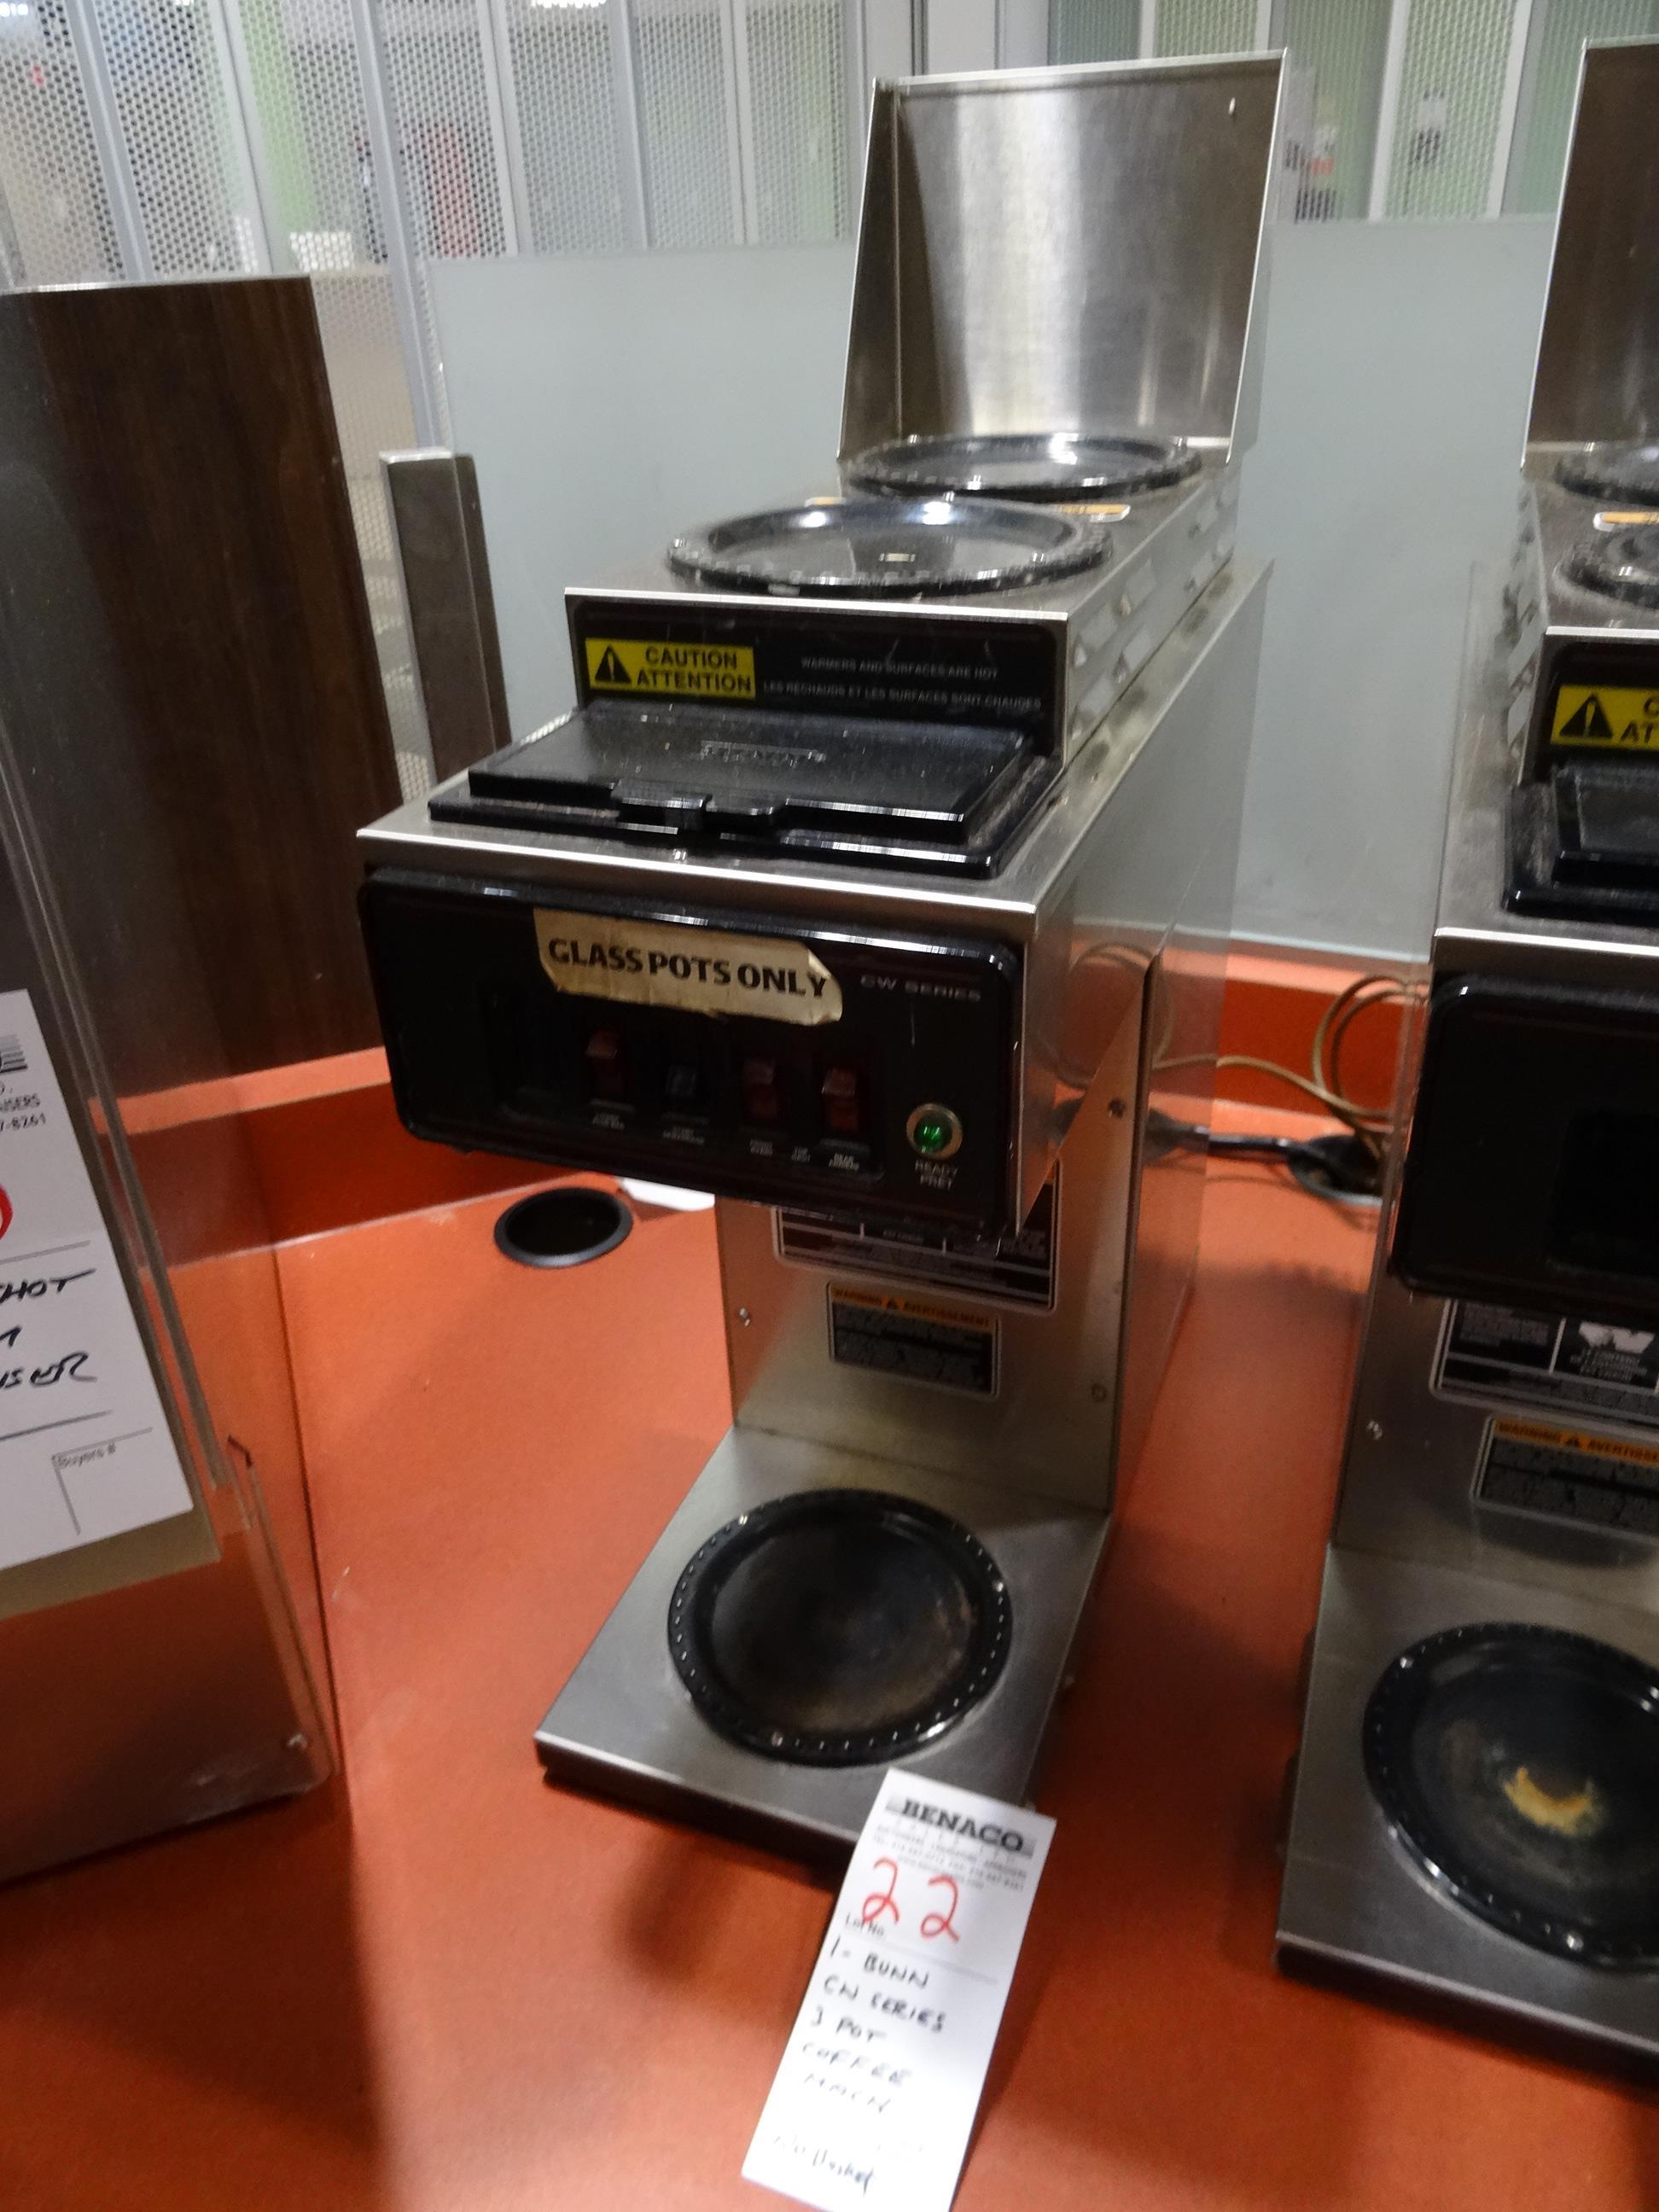 Lot 22 - 1X, BUNN CW SERIES, 3 POT COFFEE MACHINE (NO BASKET)